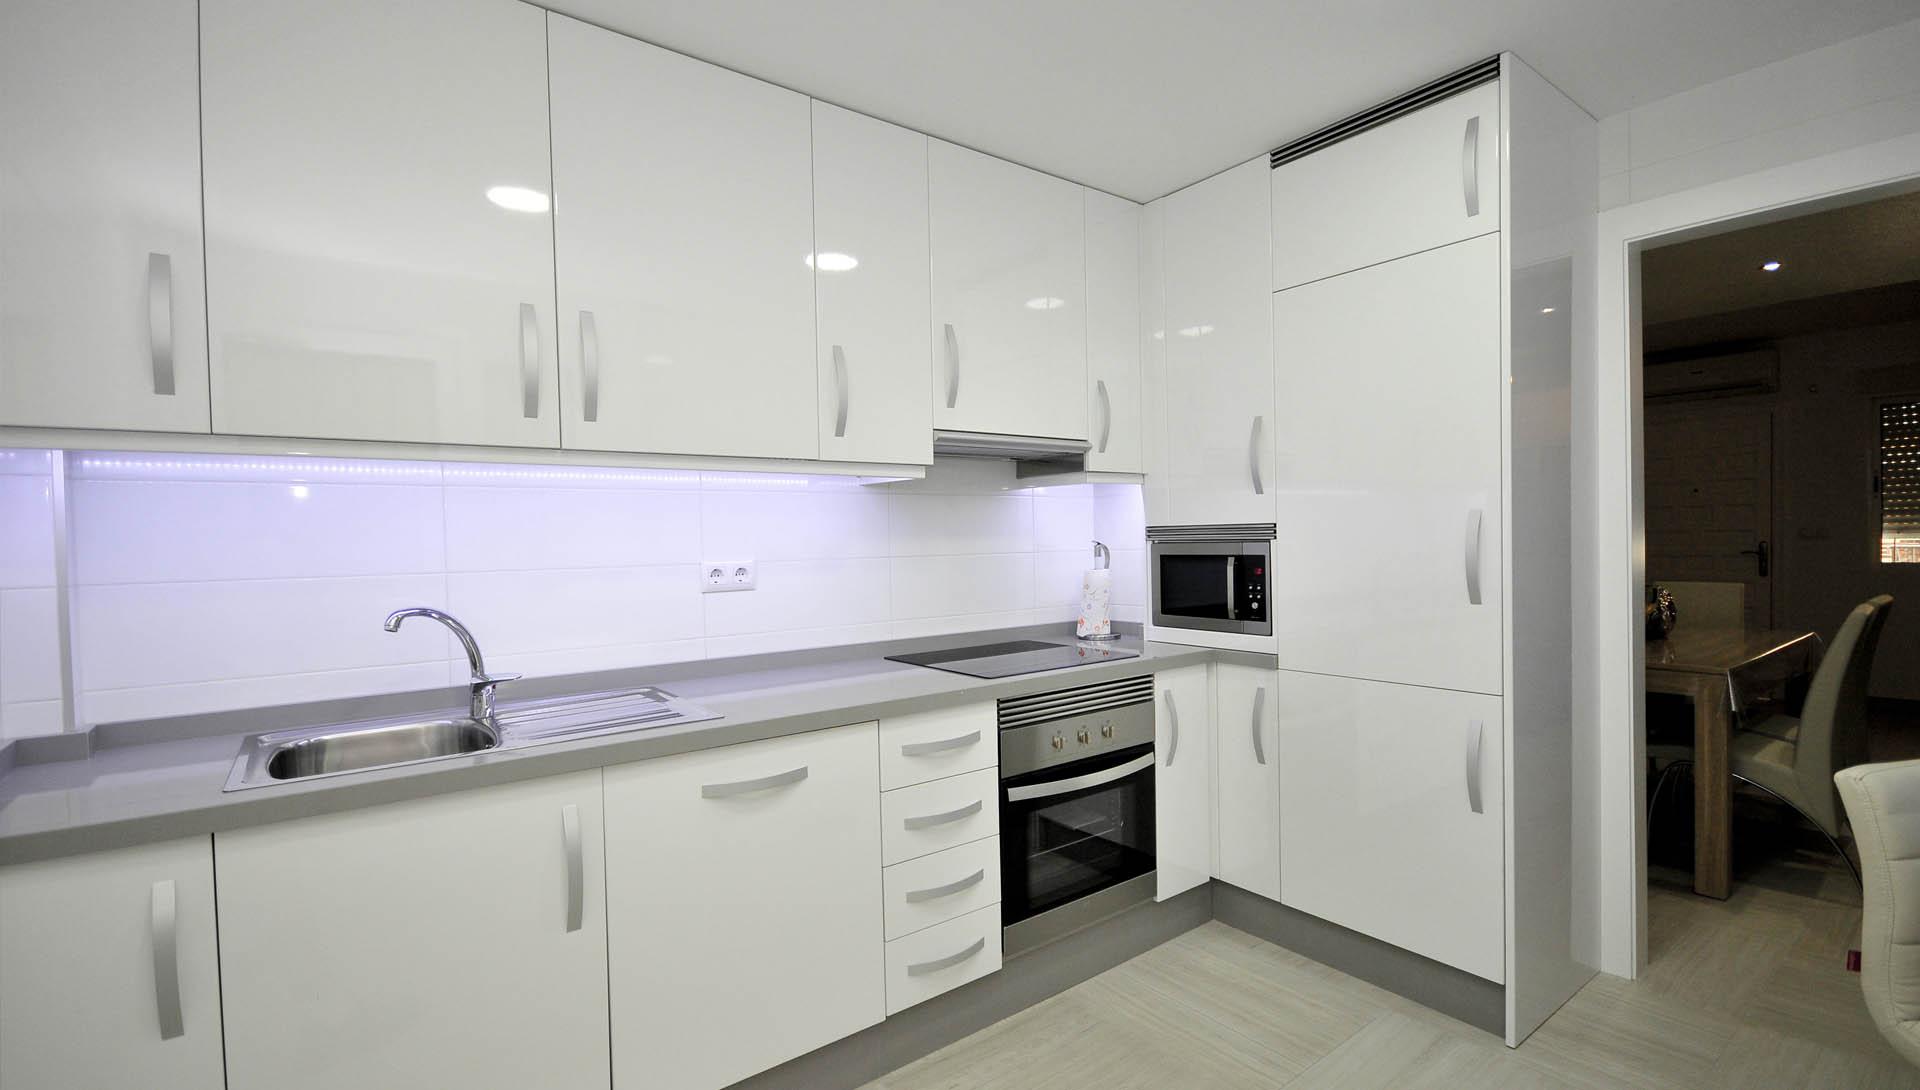 Dise os de cocinas integrales en aluminio reformas for Cocinas integrales en aluminio